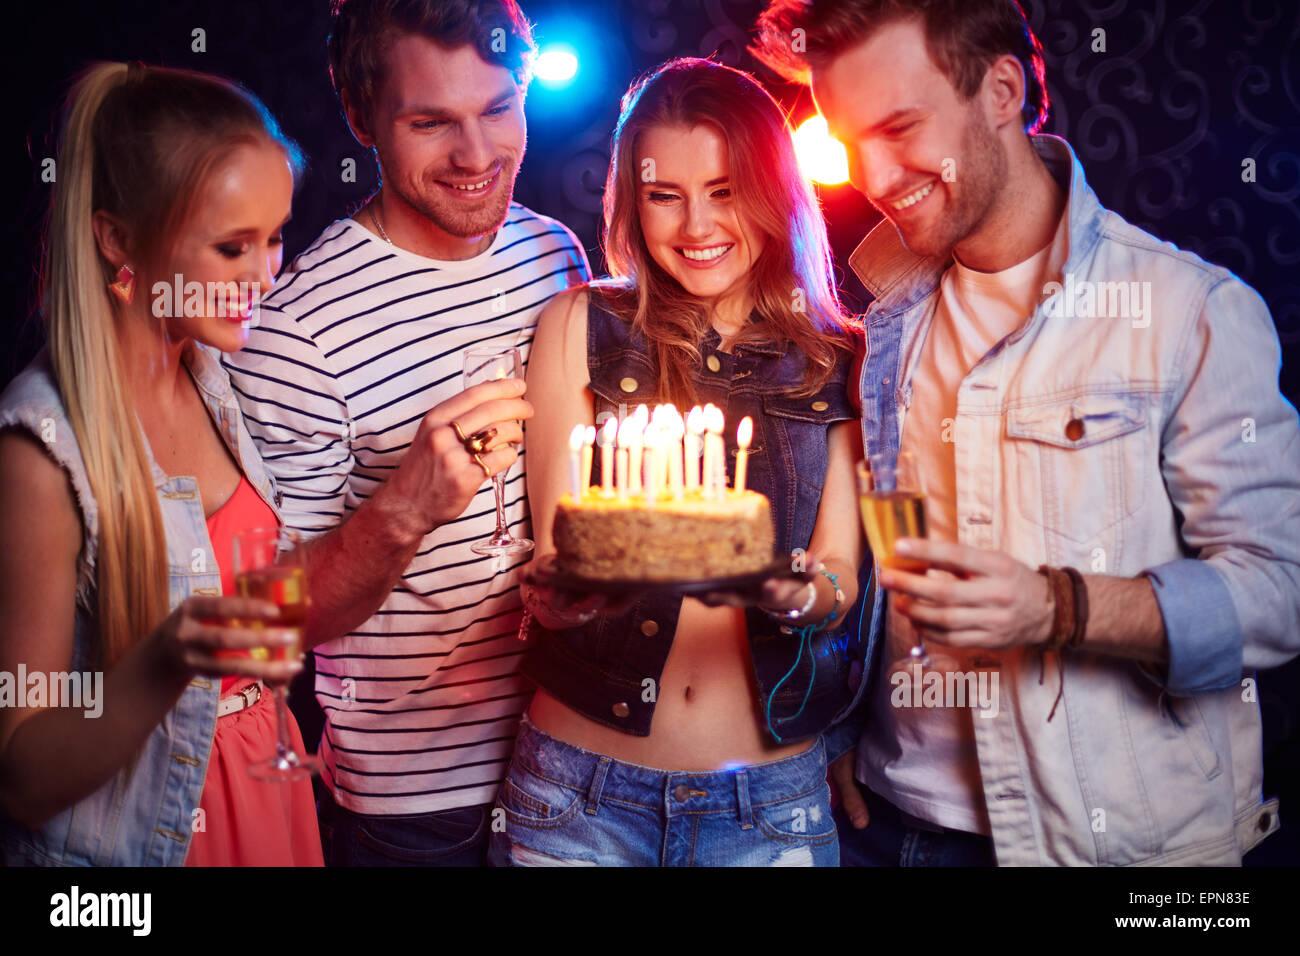 Dos parejas jóvenes con champaña y tarta mirando las velas en la fiesta de cumpleaños Foto de stock